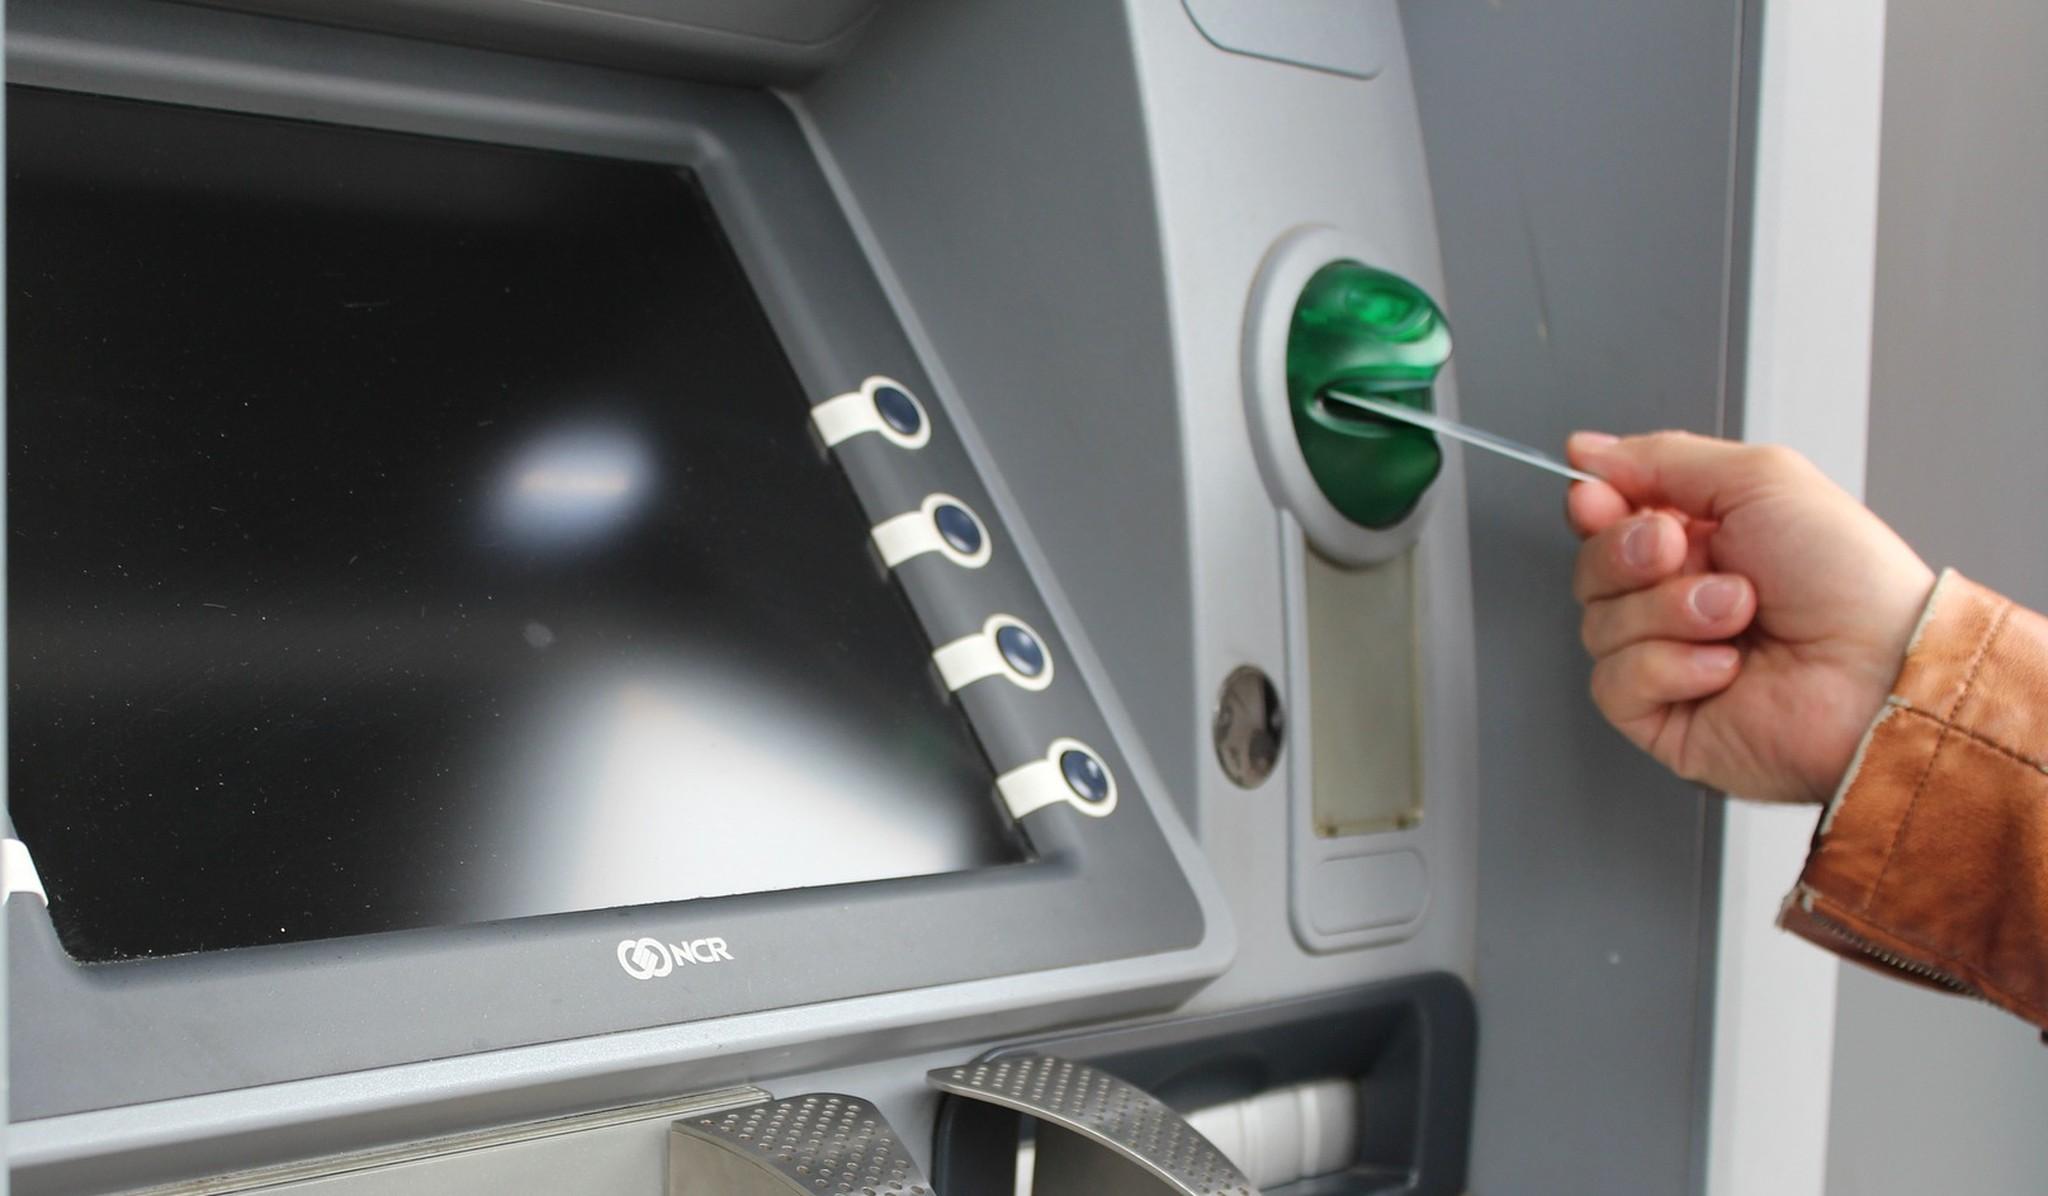 Жительница Тверской области забрала из банкомата чужие деньги и оказалась под следствием - новости Афанасий